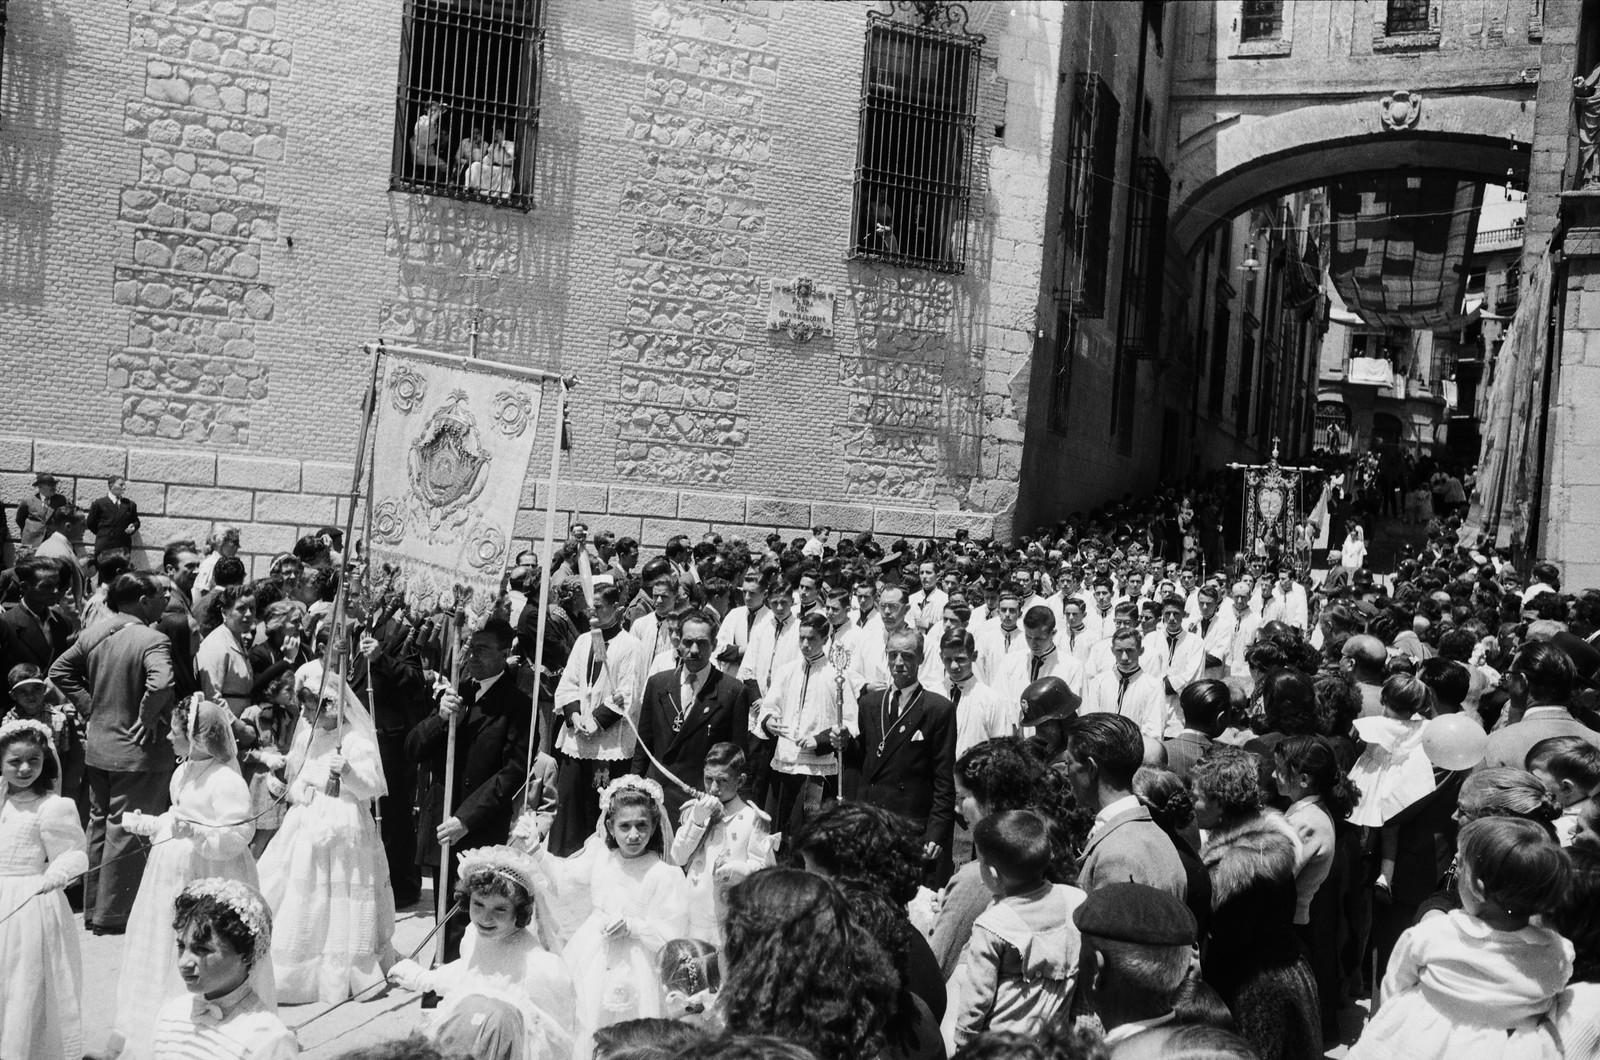 Niñas de comunión en la Procesión del Corpus Christi de Toledo en 1955 © ETH-Bibliothek Zurich